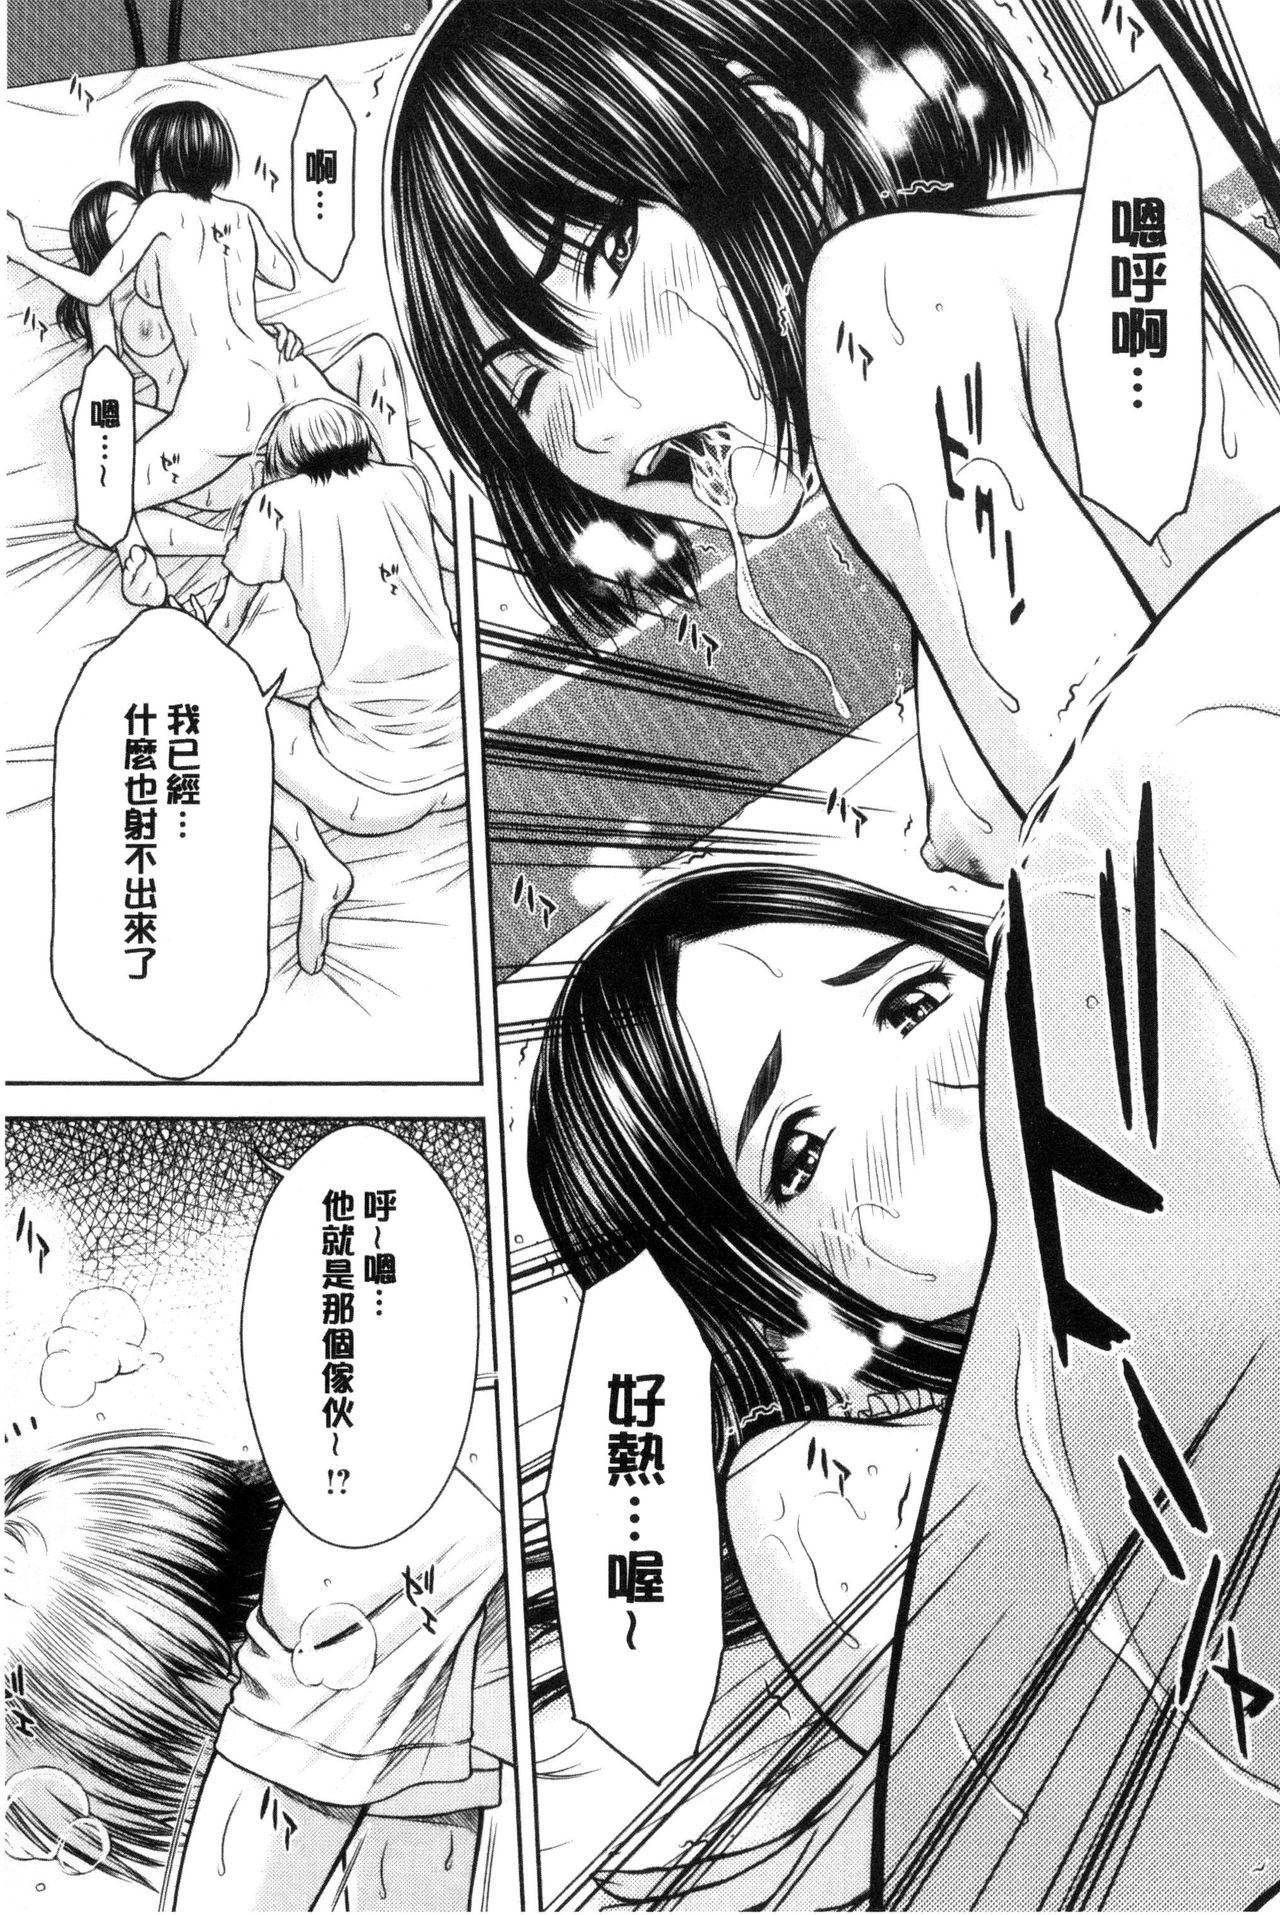 Mesukano Inbina Mesu Kanojotachi To No Hibi 115